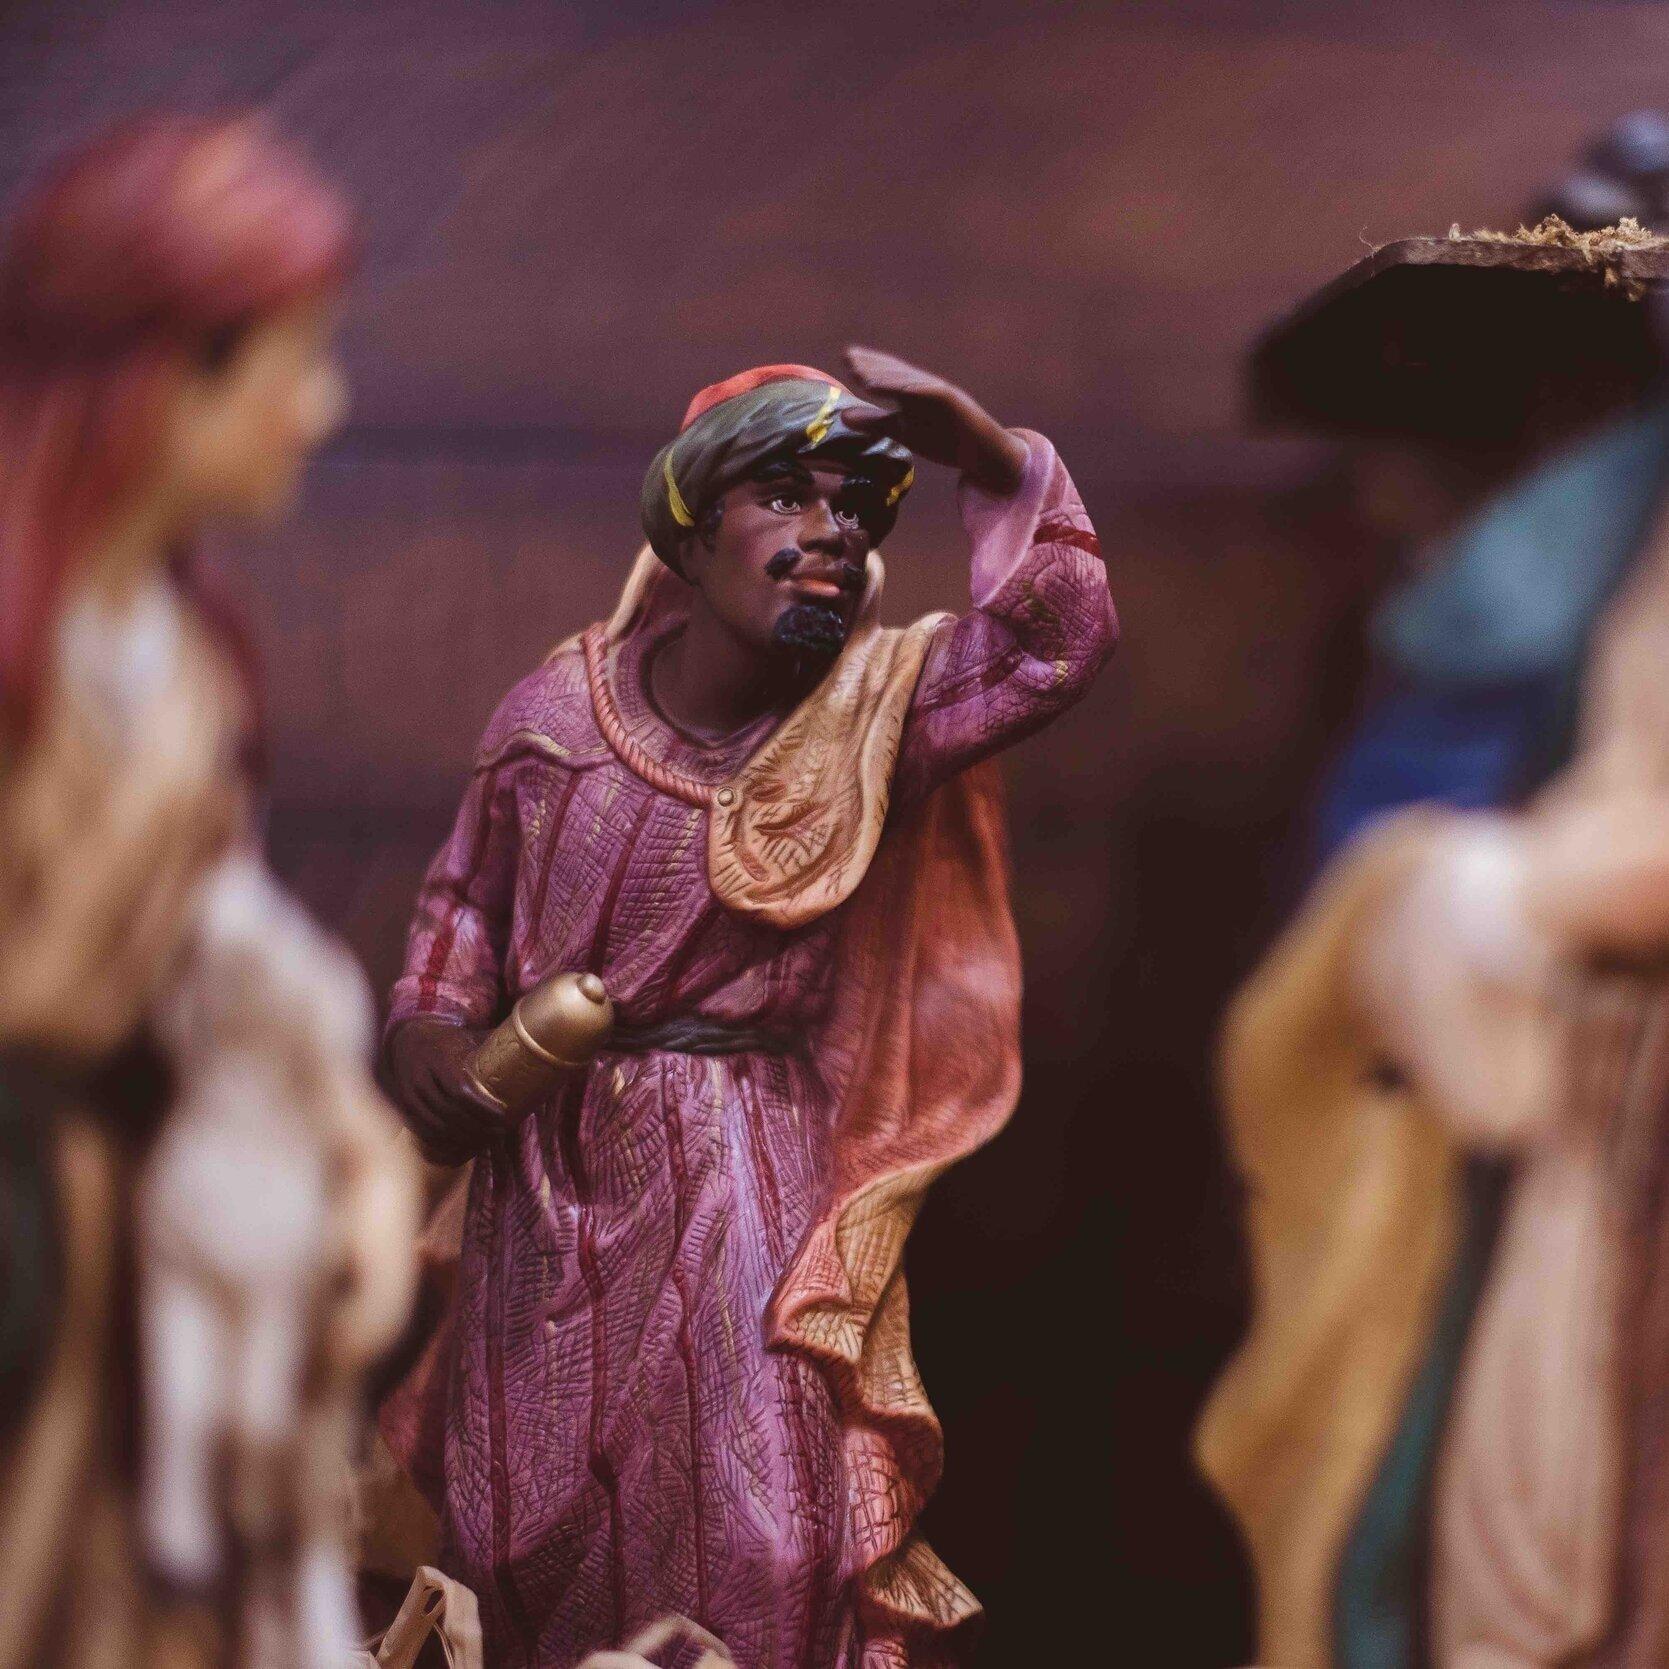 Nativity Service - Sunday 15th December